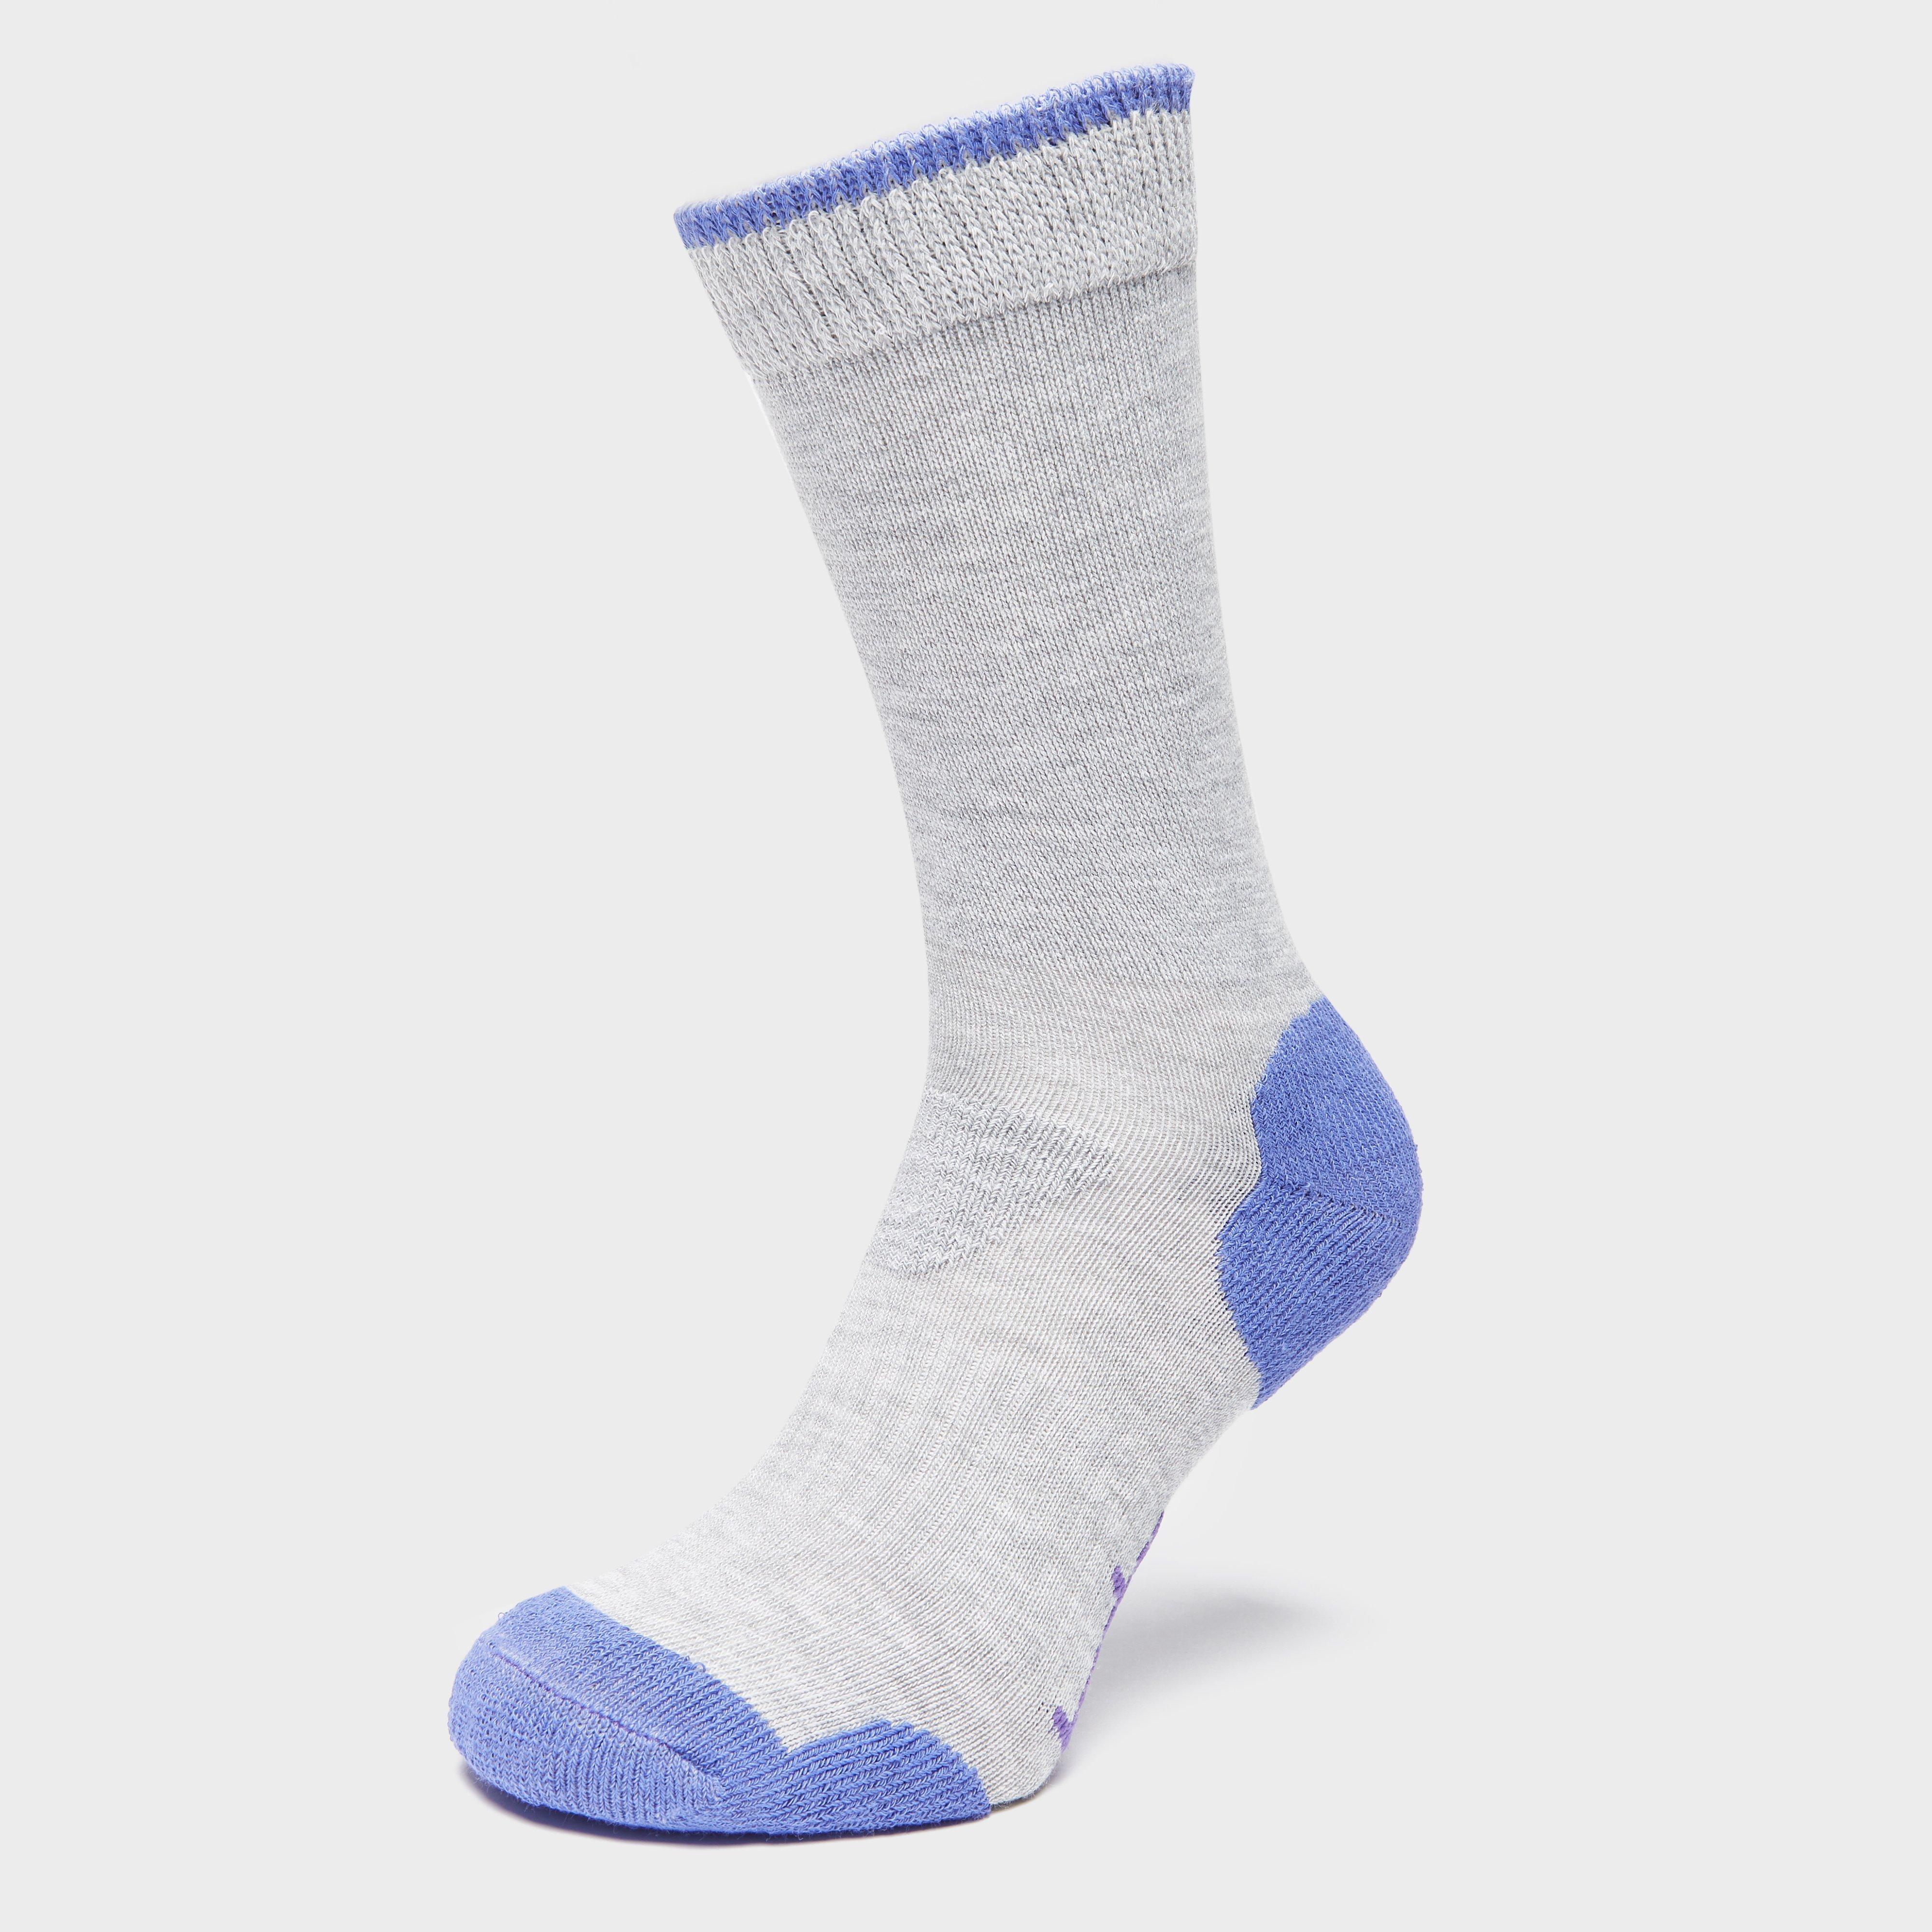 Brasher Women's Light Hiker Socks, Grey